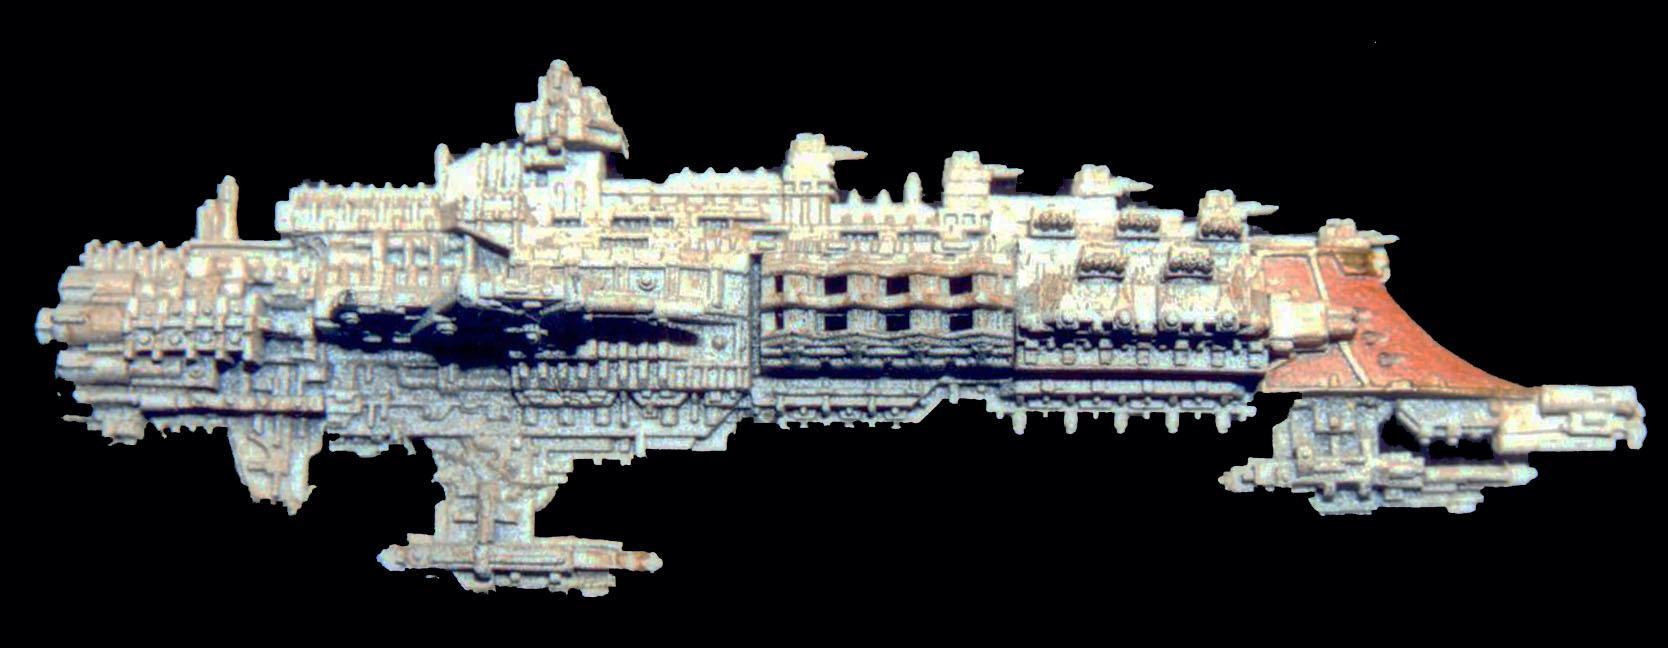 Battlefleet Gothic, Cruiser, Fleet, Gothic, Imperium, Military, Navy, Space Fleet, Space Ship, Space Vessel, Warhammer 40,000